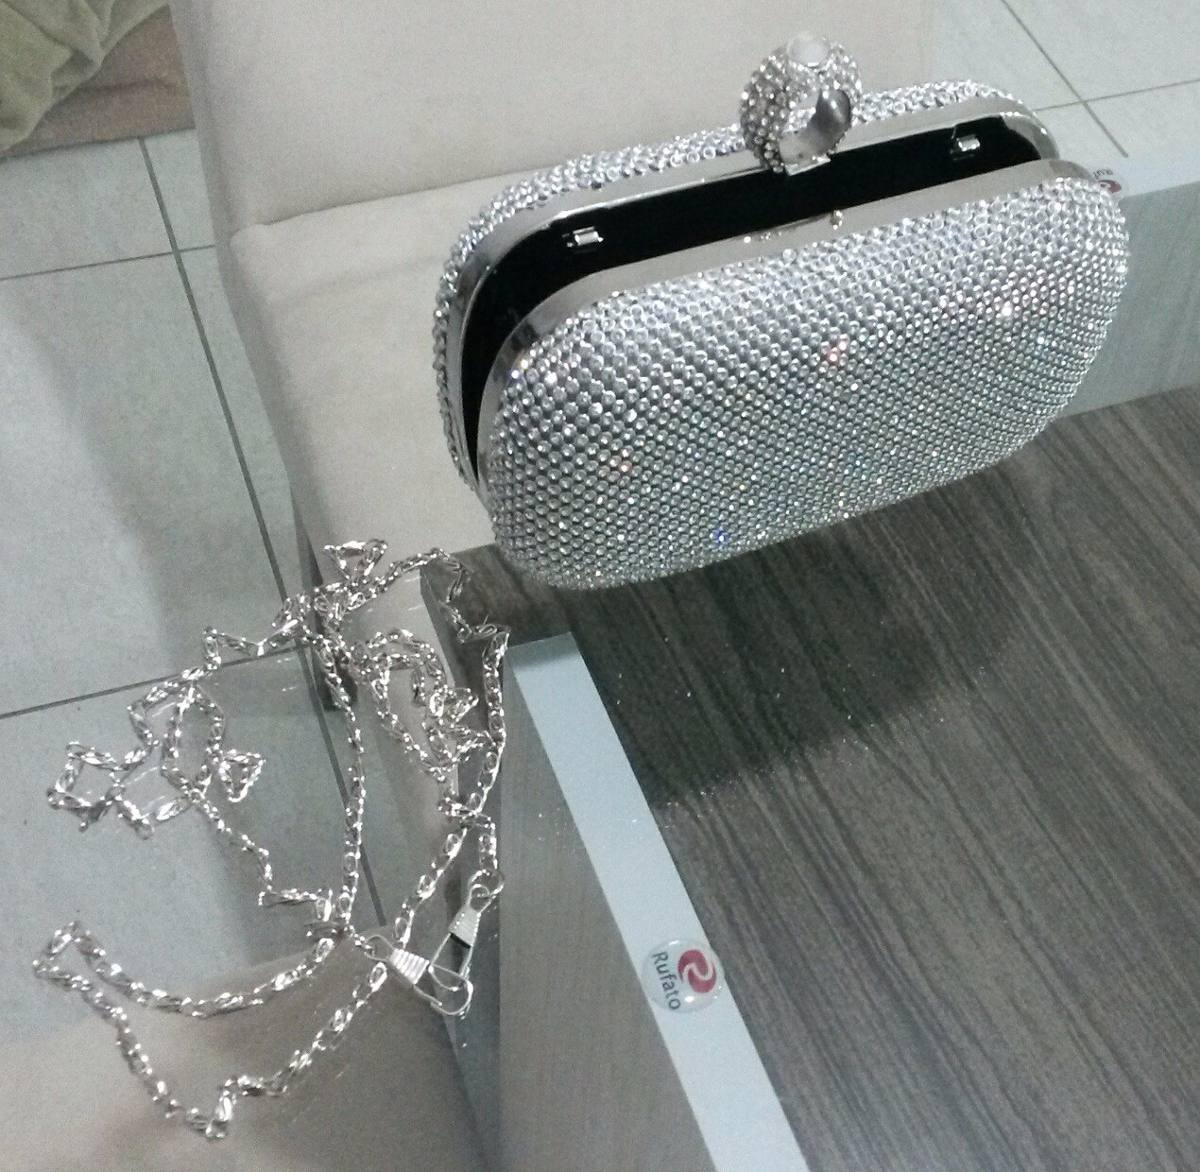 Bolsa De Festas Prata : Bolsa clutch prata strass festa casamento carteira